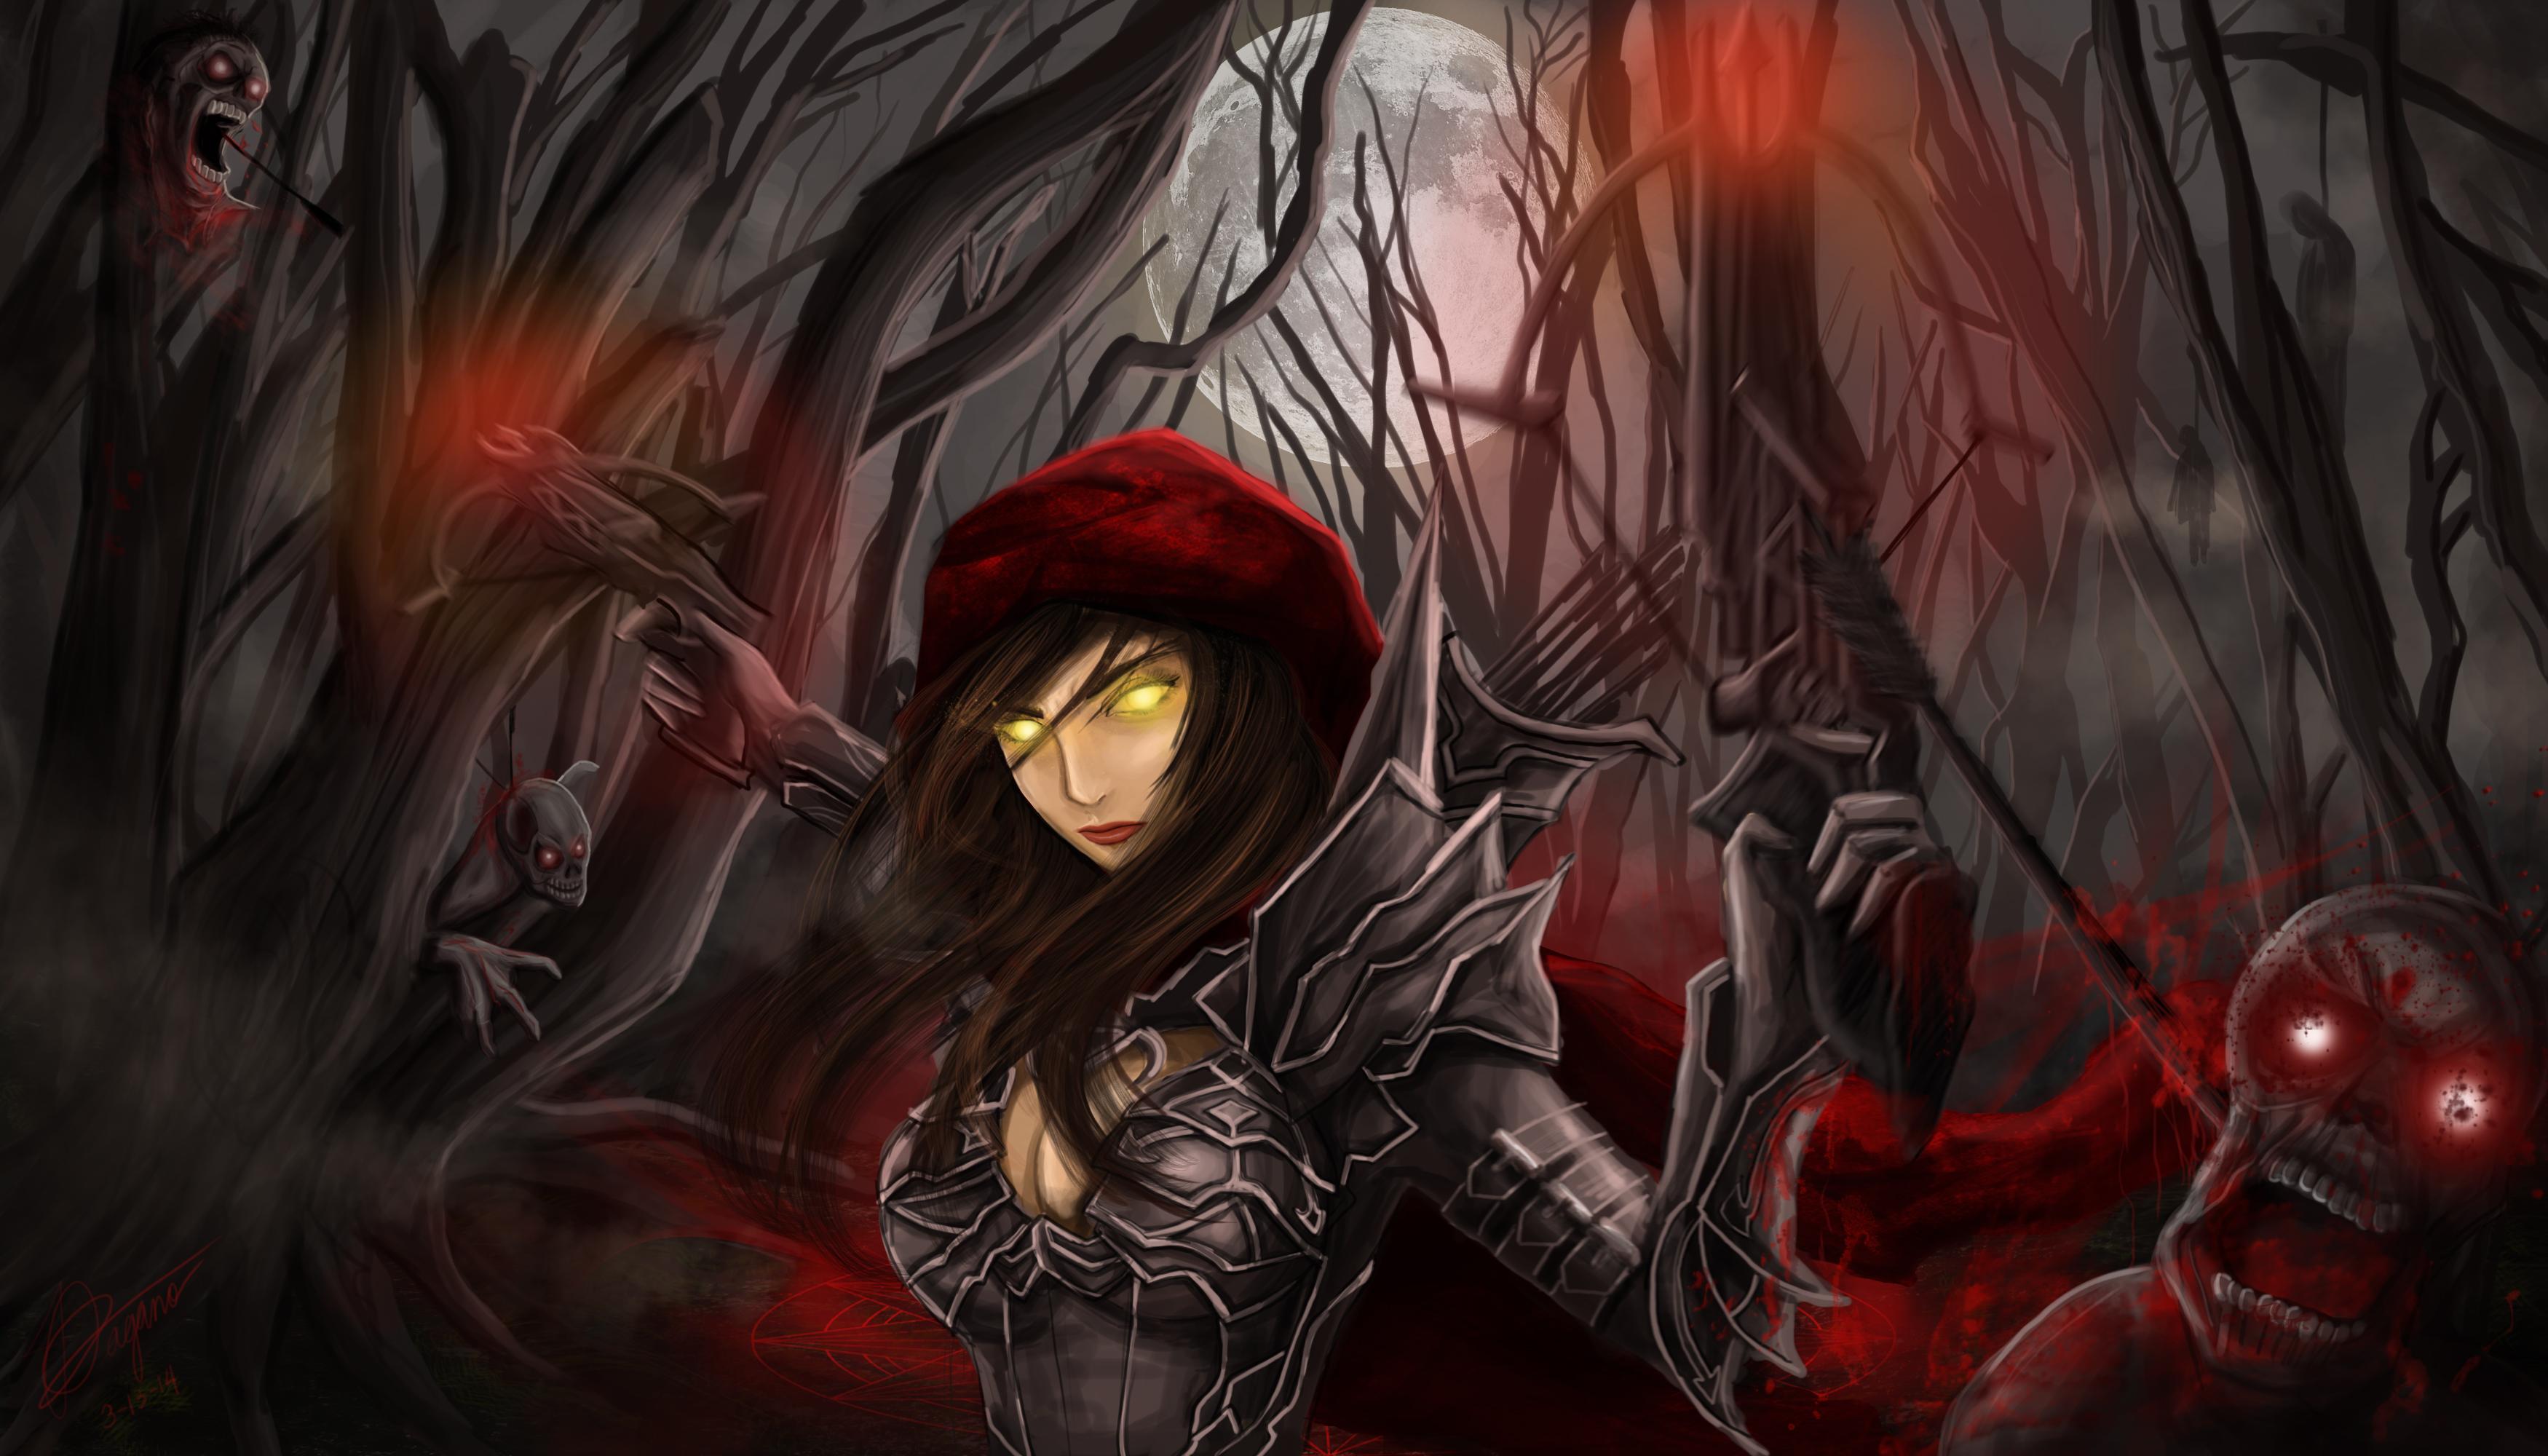 huntress of souls